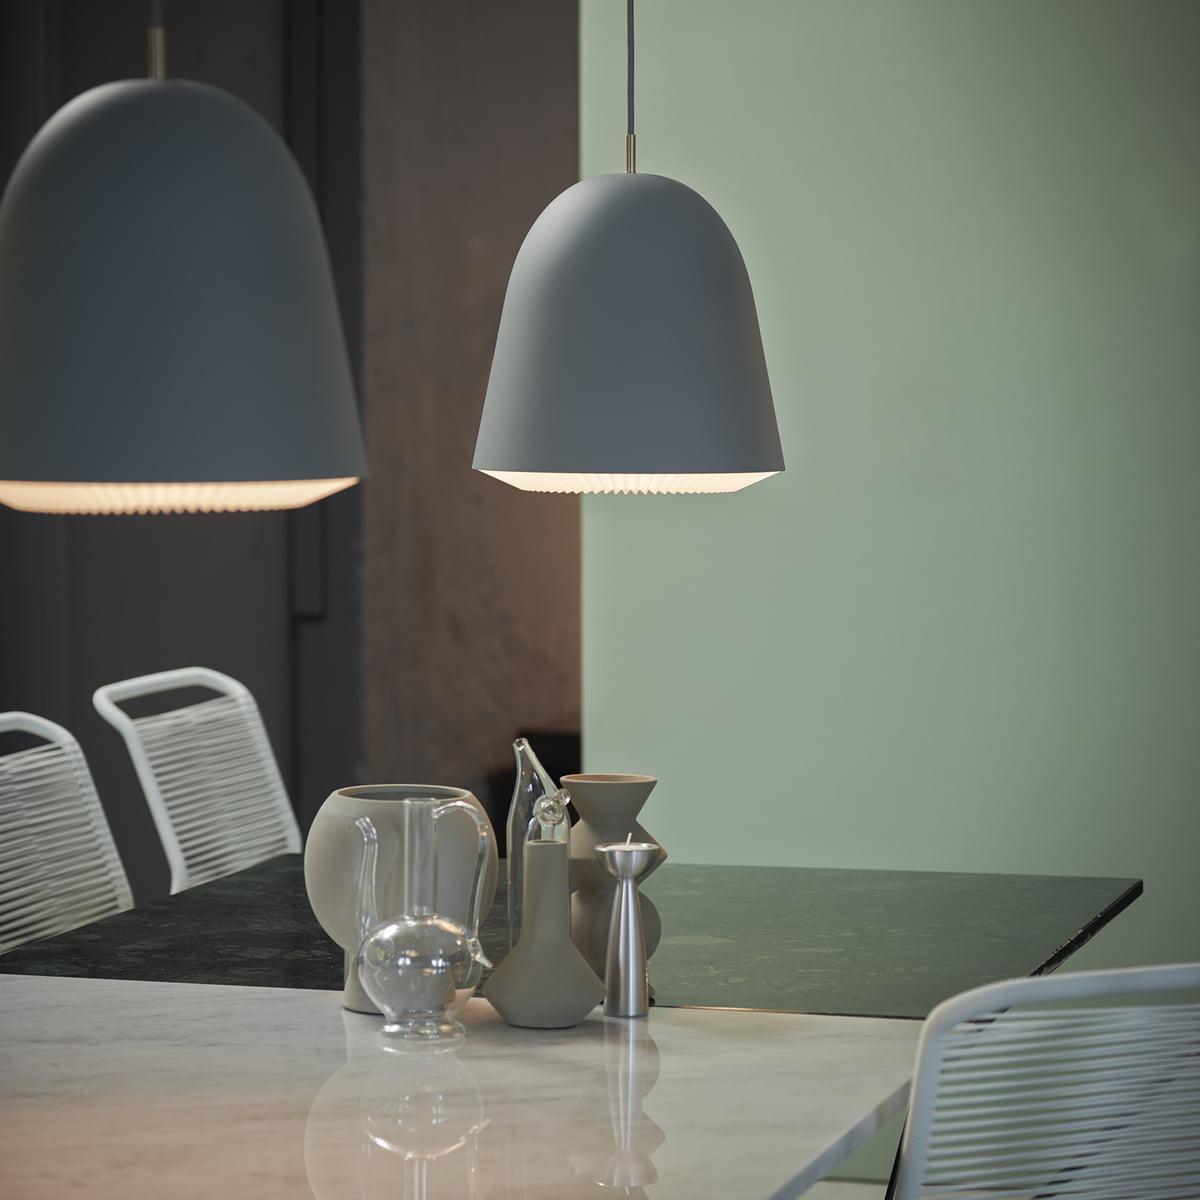 Verzauberkunst Hängeleuchte Esstisch Foto Von Einzigartige Leuchte Von Le Klint